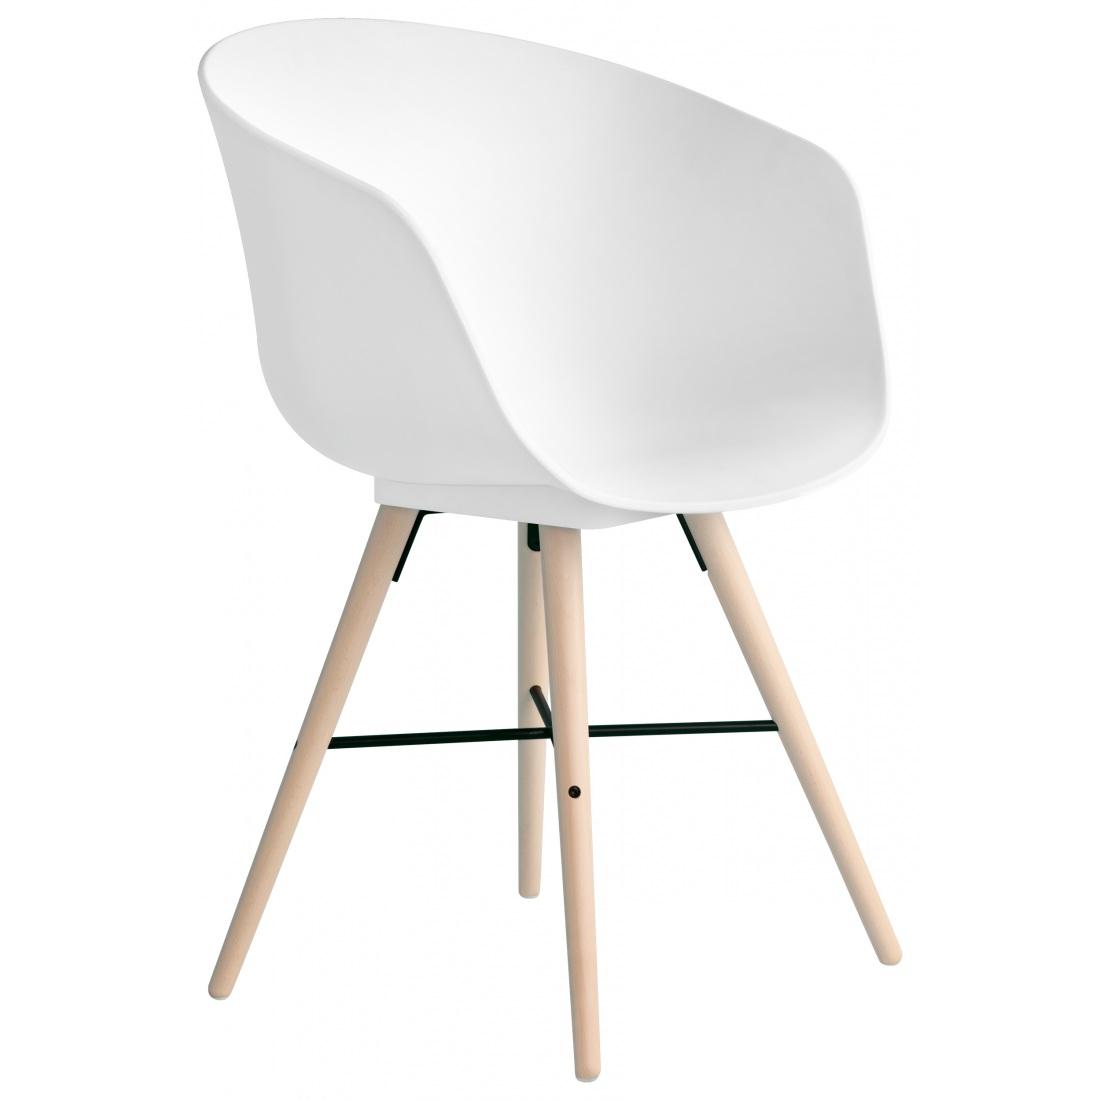 Esszimmerstuhl Weiß Stuhl Stühle Küchenstühle Essgruppe - moebel ...